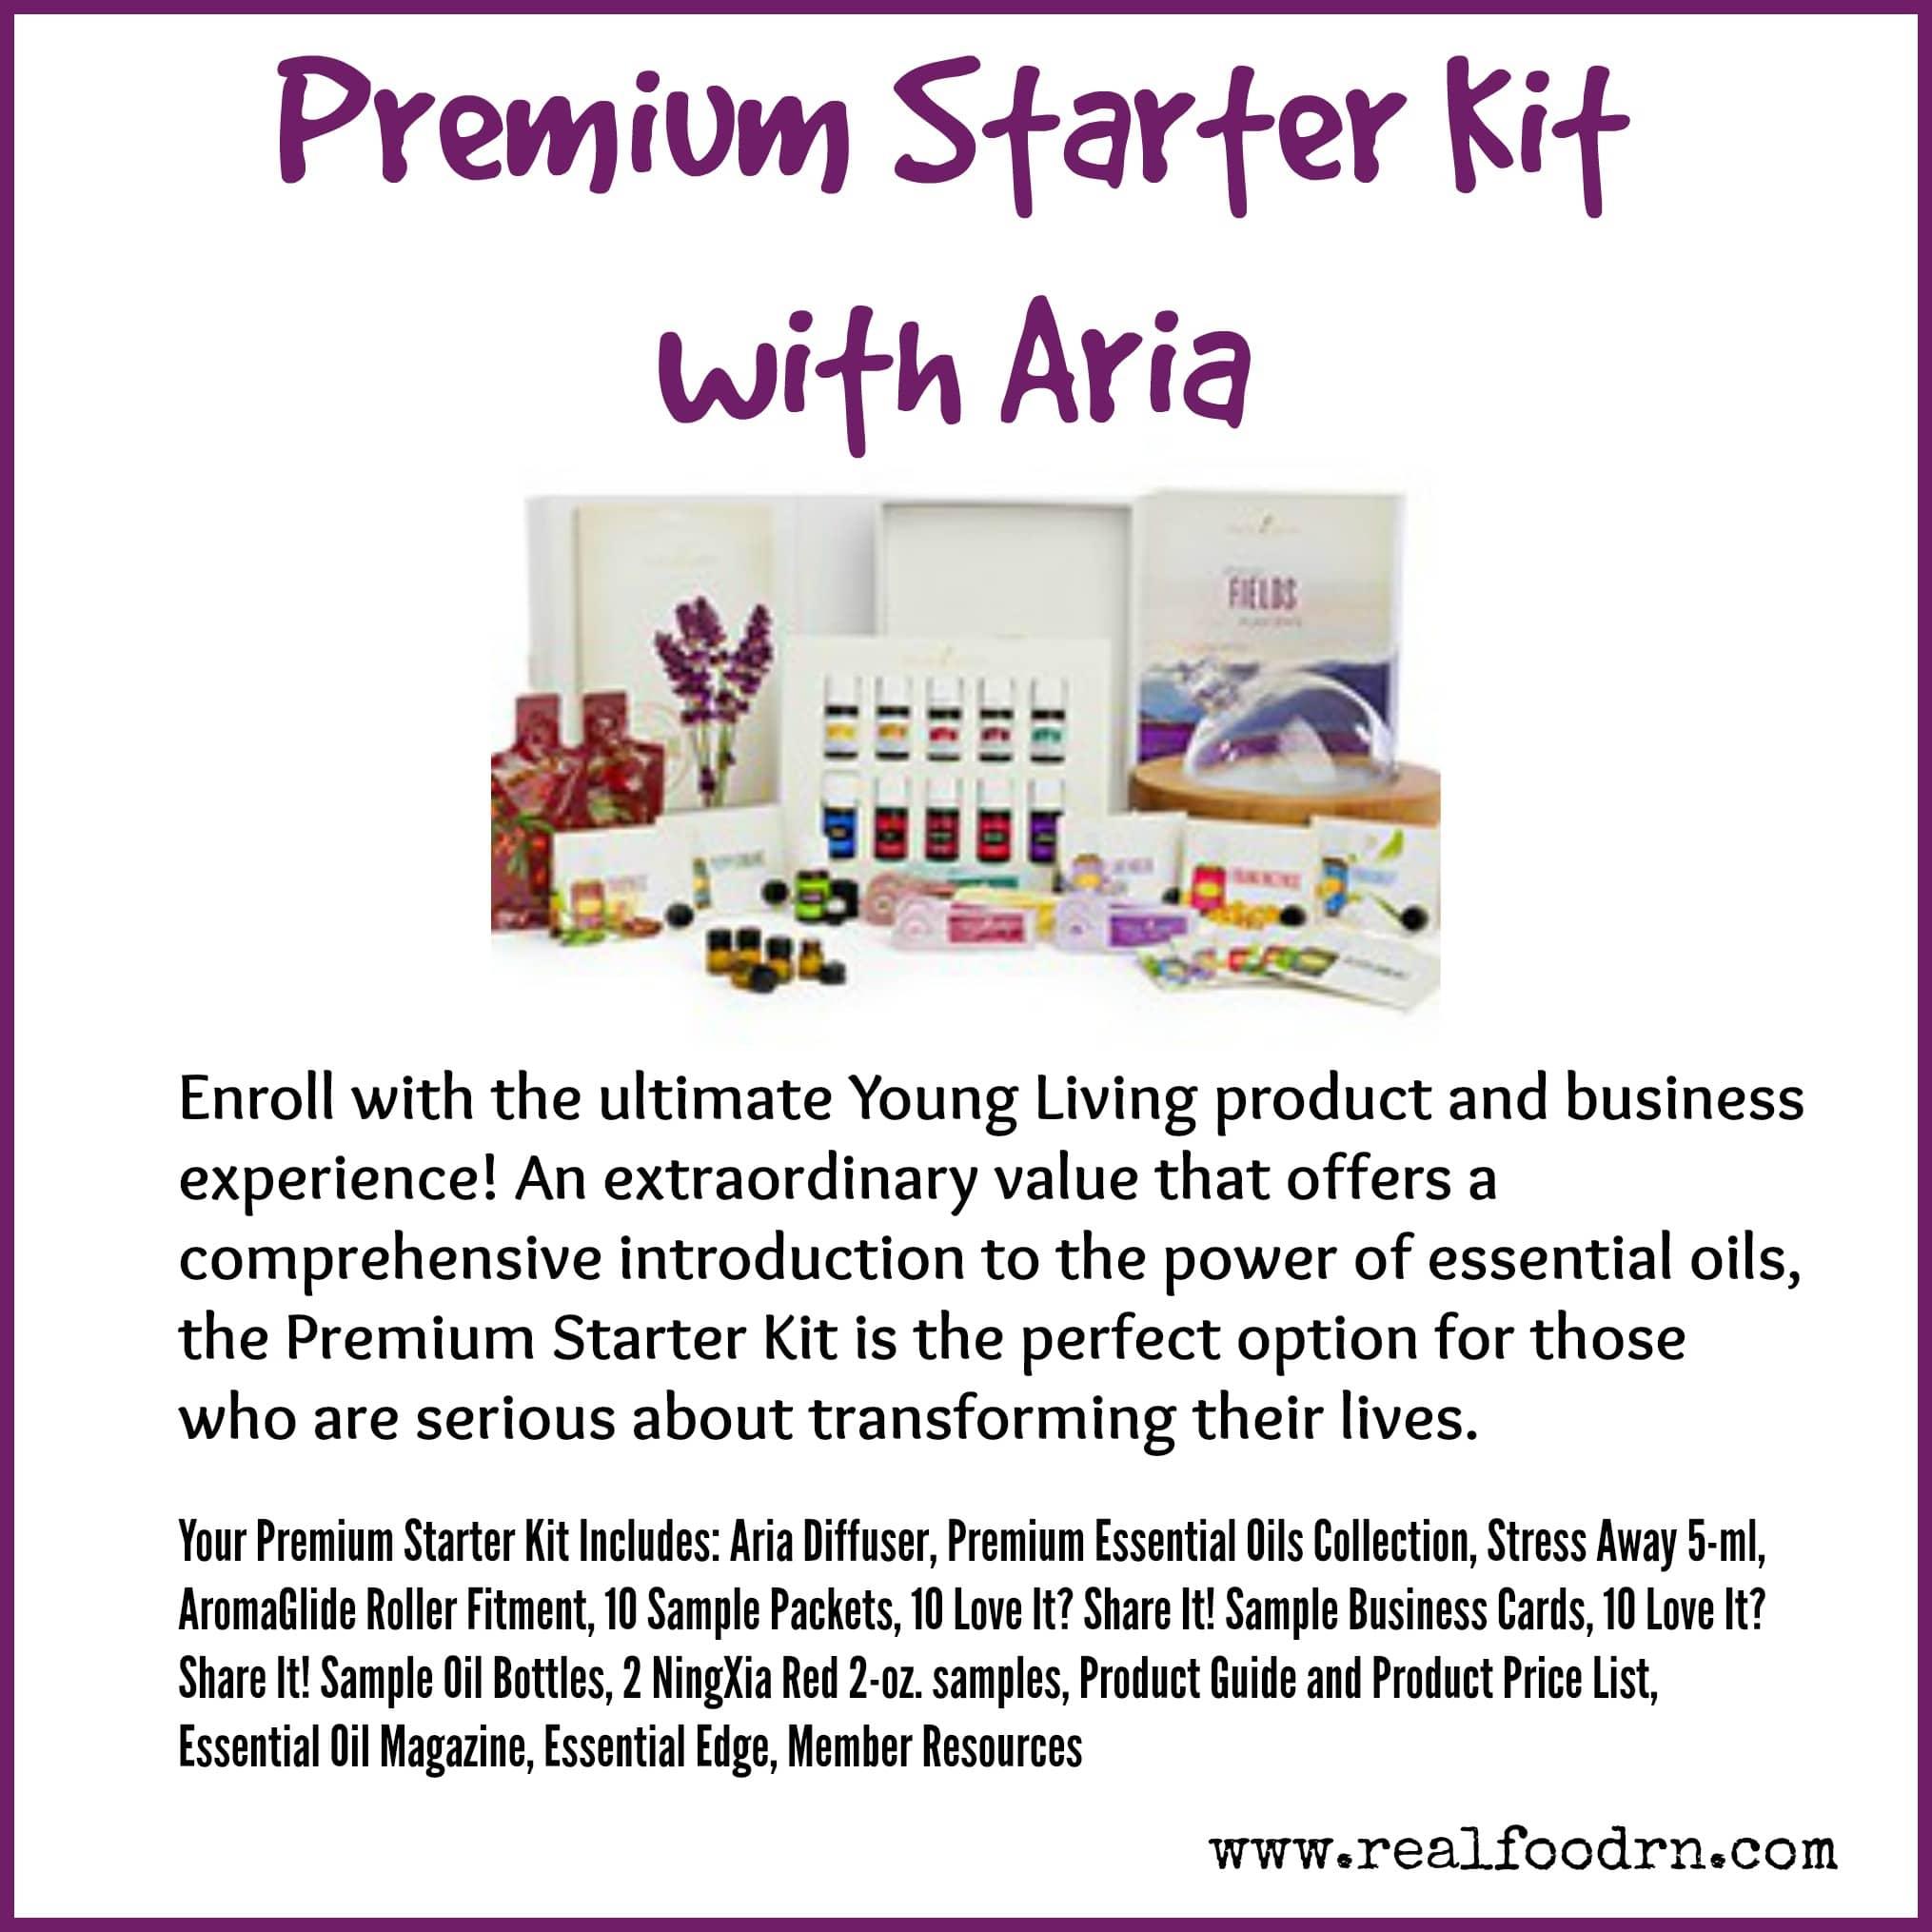 Premium Starter Kit with Aria